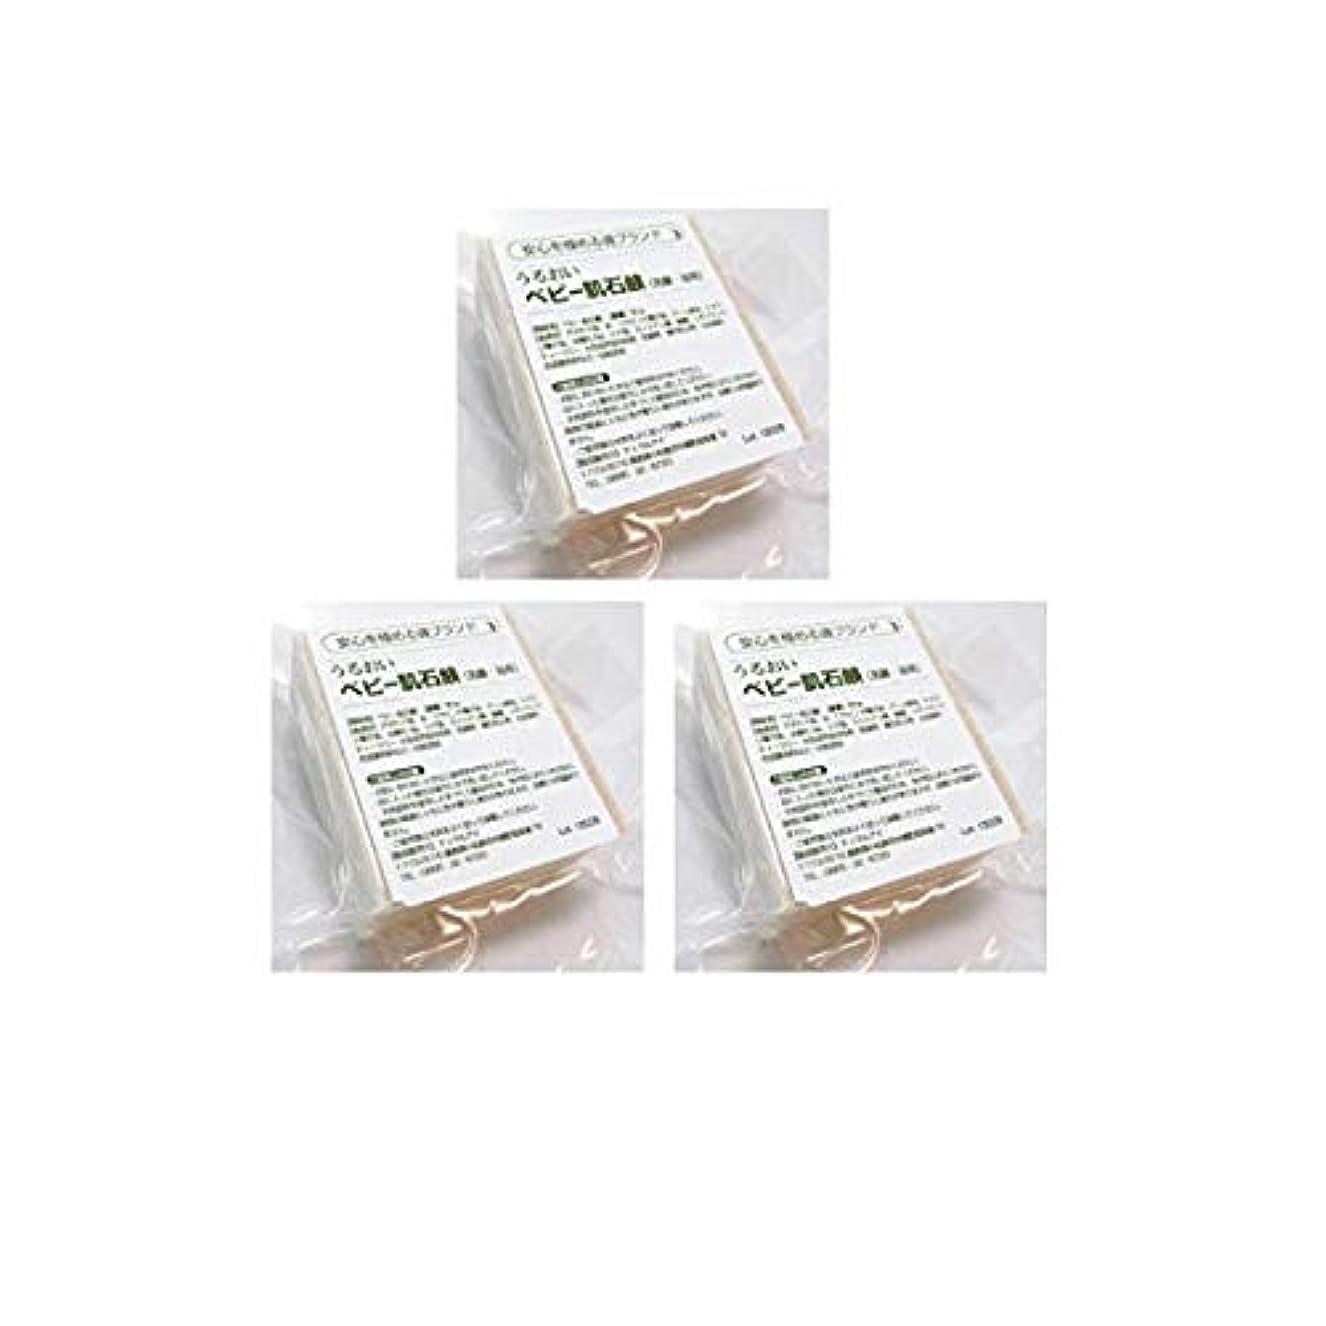 効能物足りない以降アボカド石鹸 うるおいベビー肌石鹸3個セット(80g×3個)アボカドオイル50%配合の完全無添加石鹸